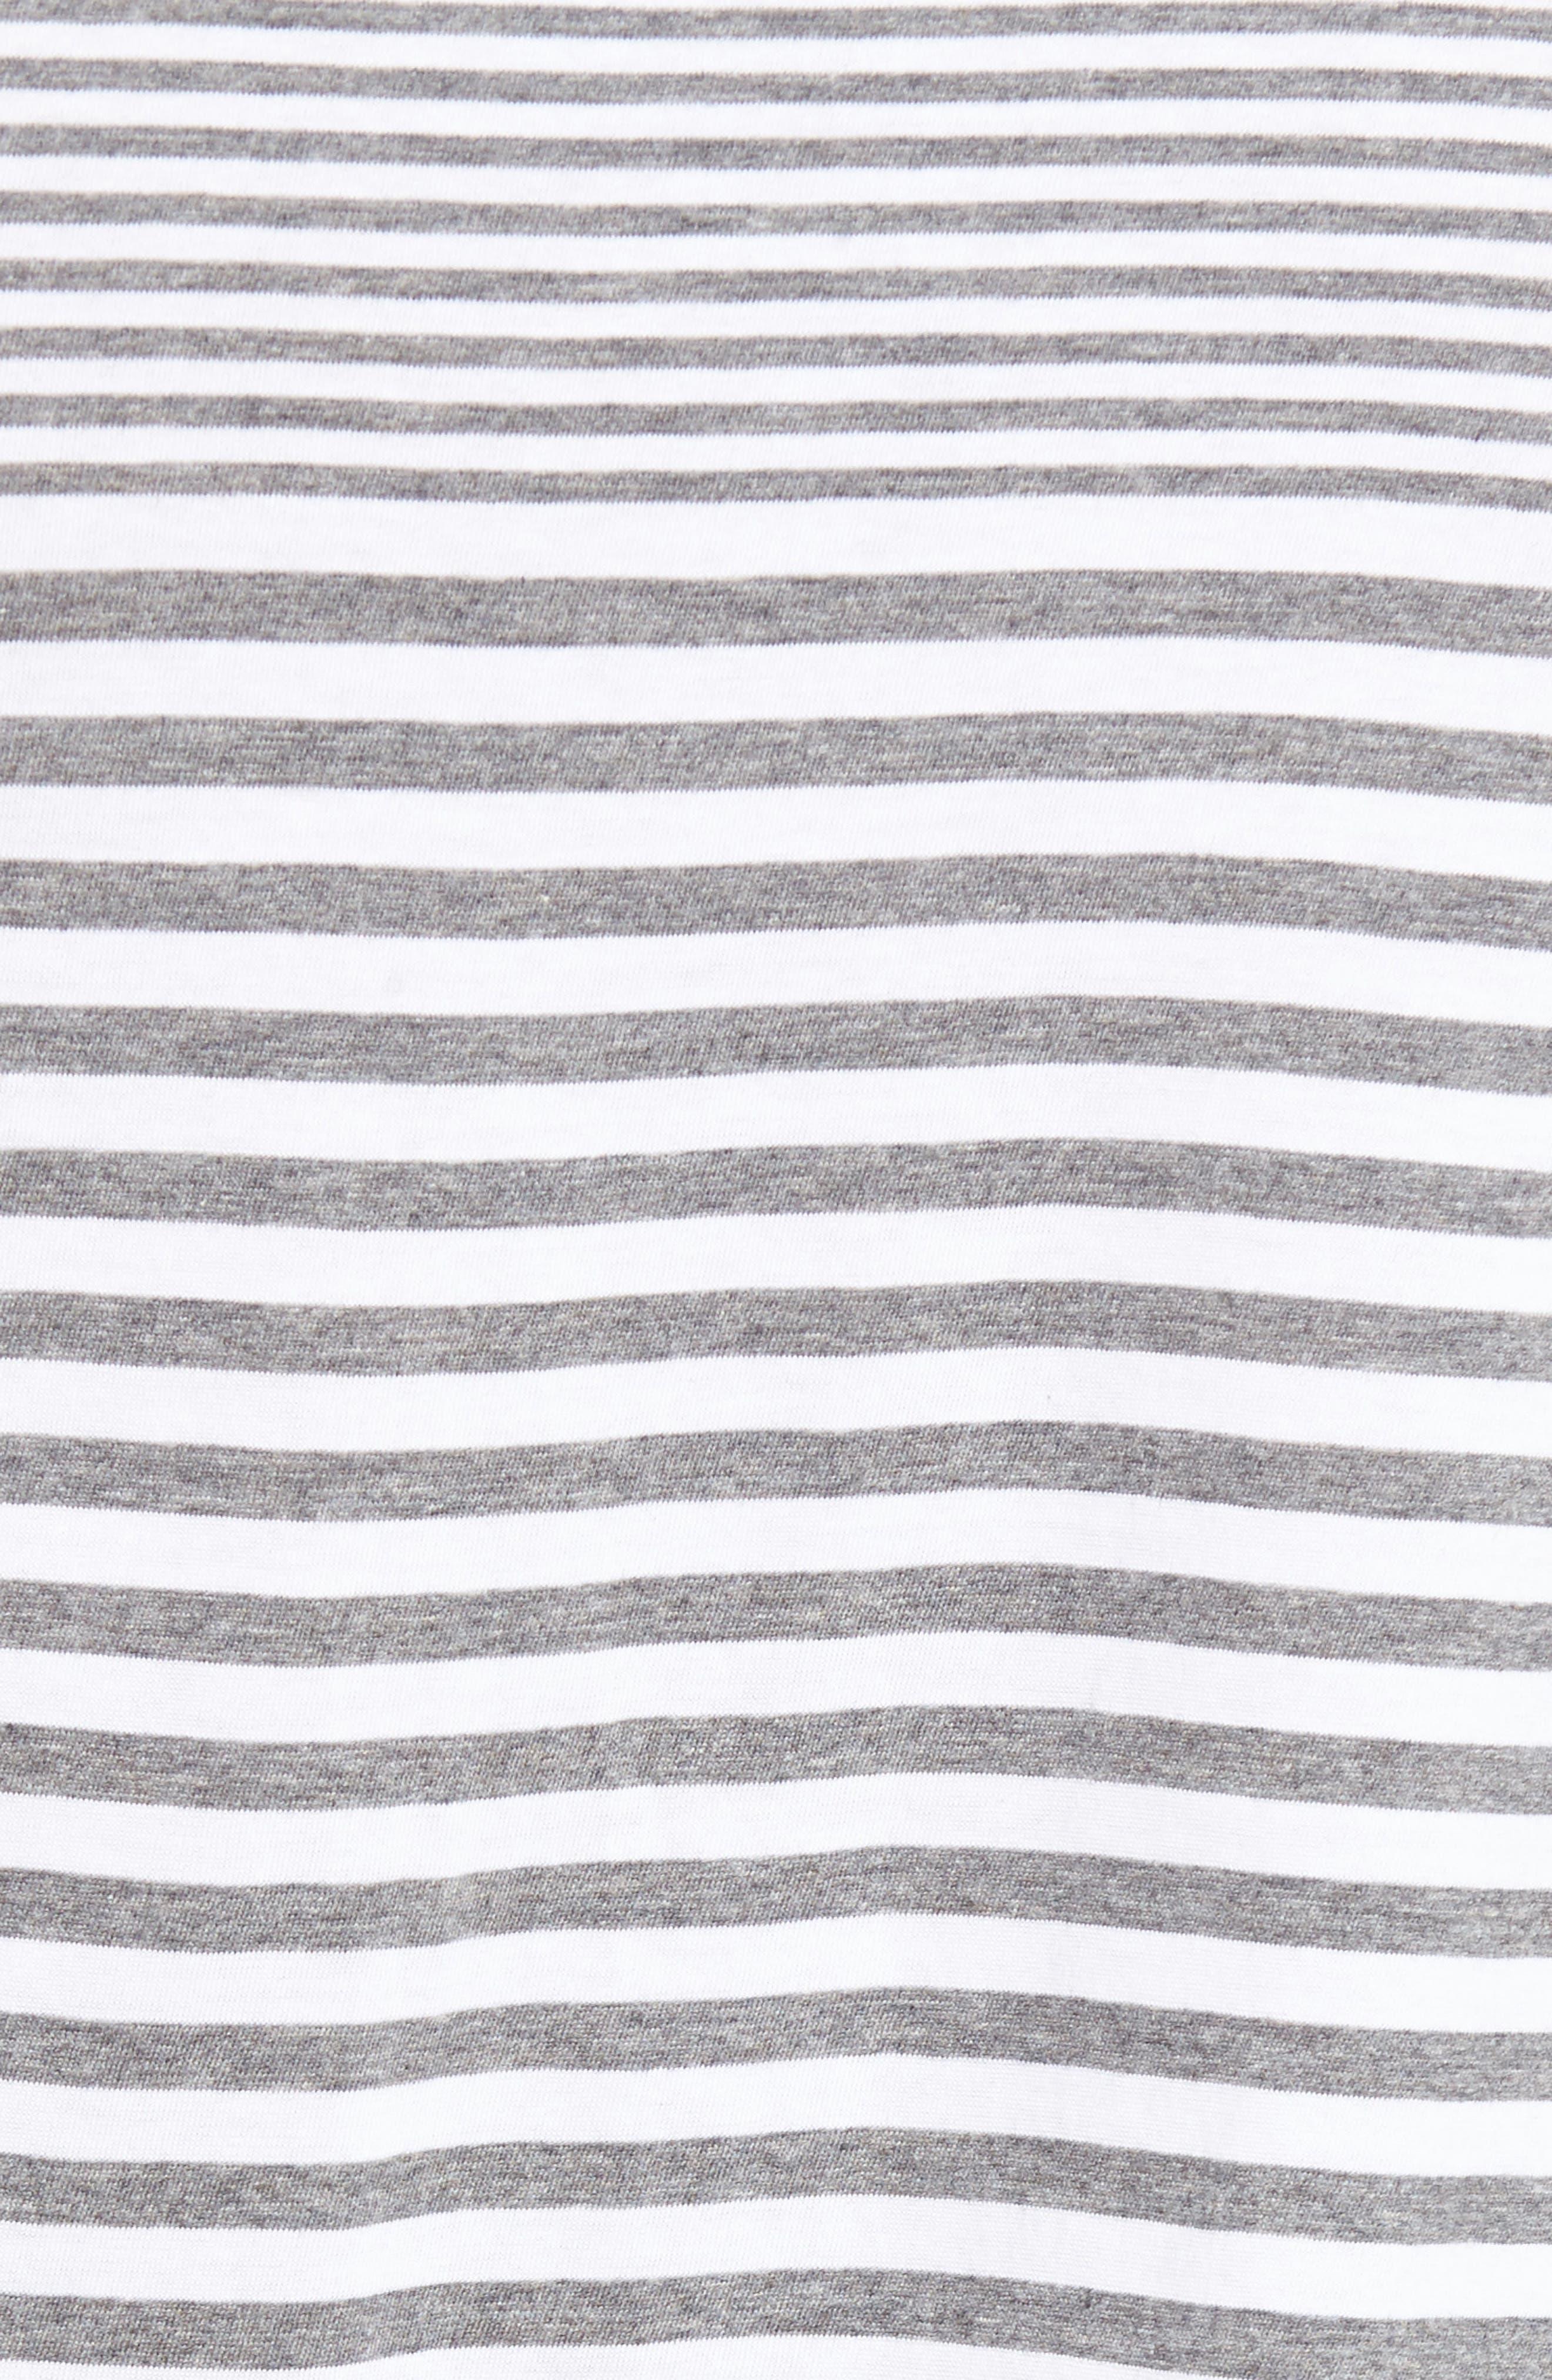 Tessler Slim Fit Stripe T-Shirt,                             Alternate thumbnail 5, color,                             030